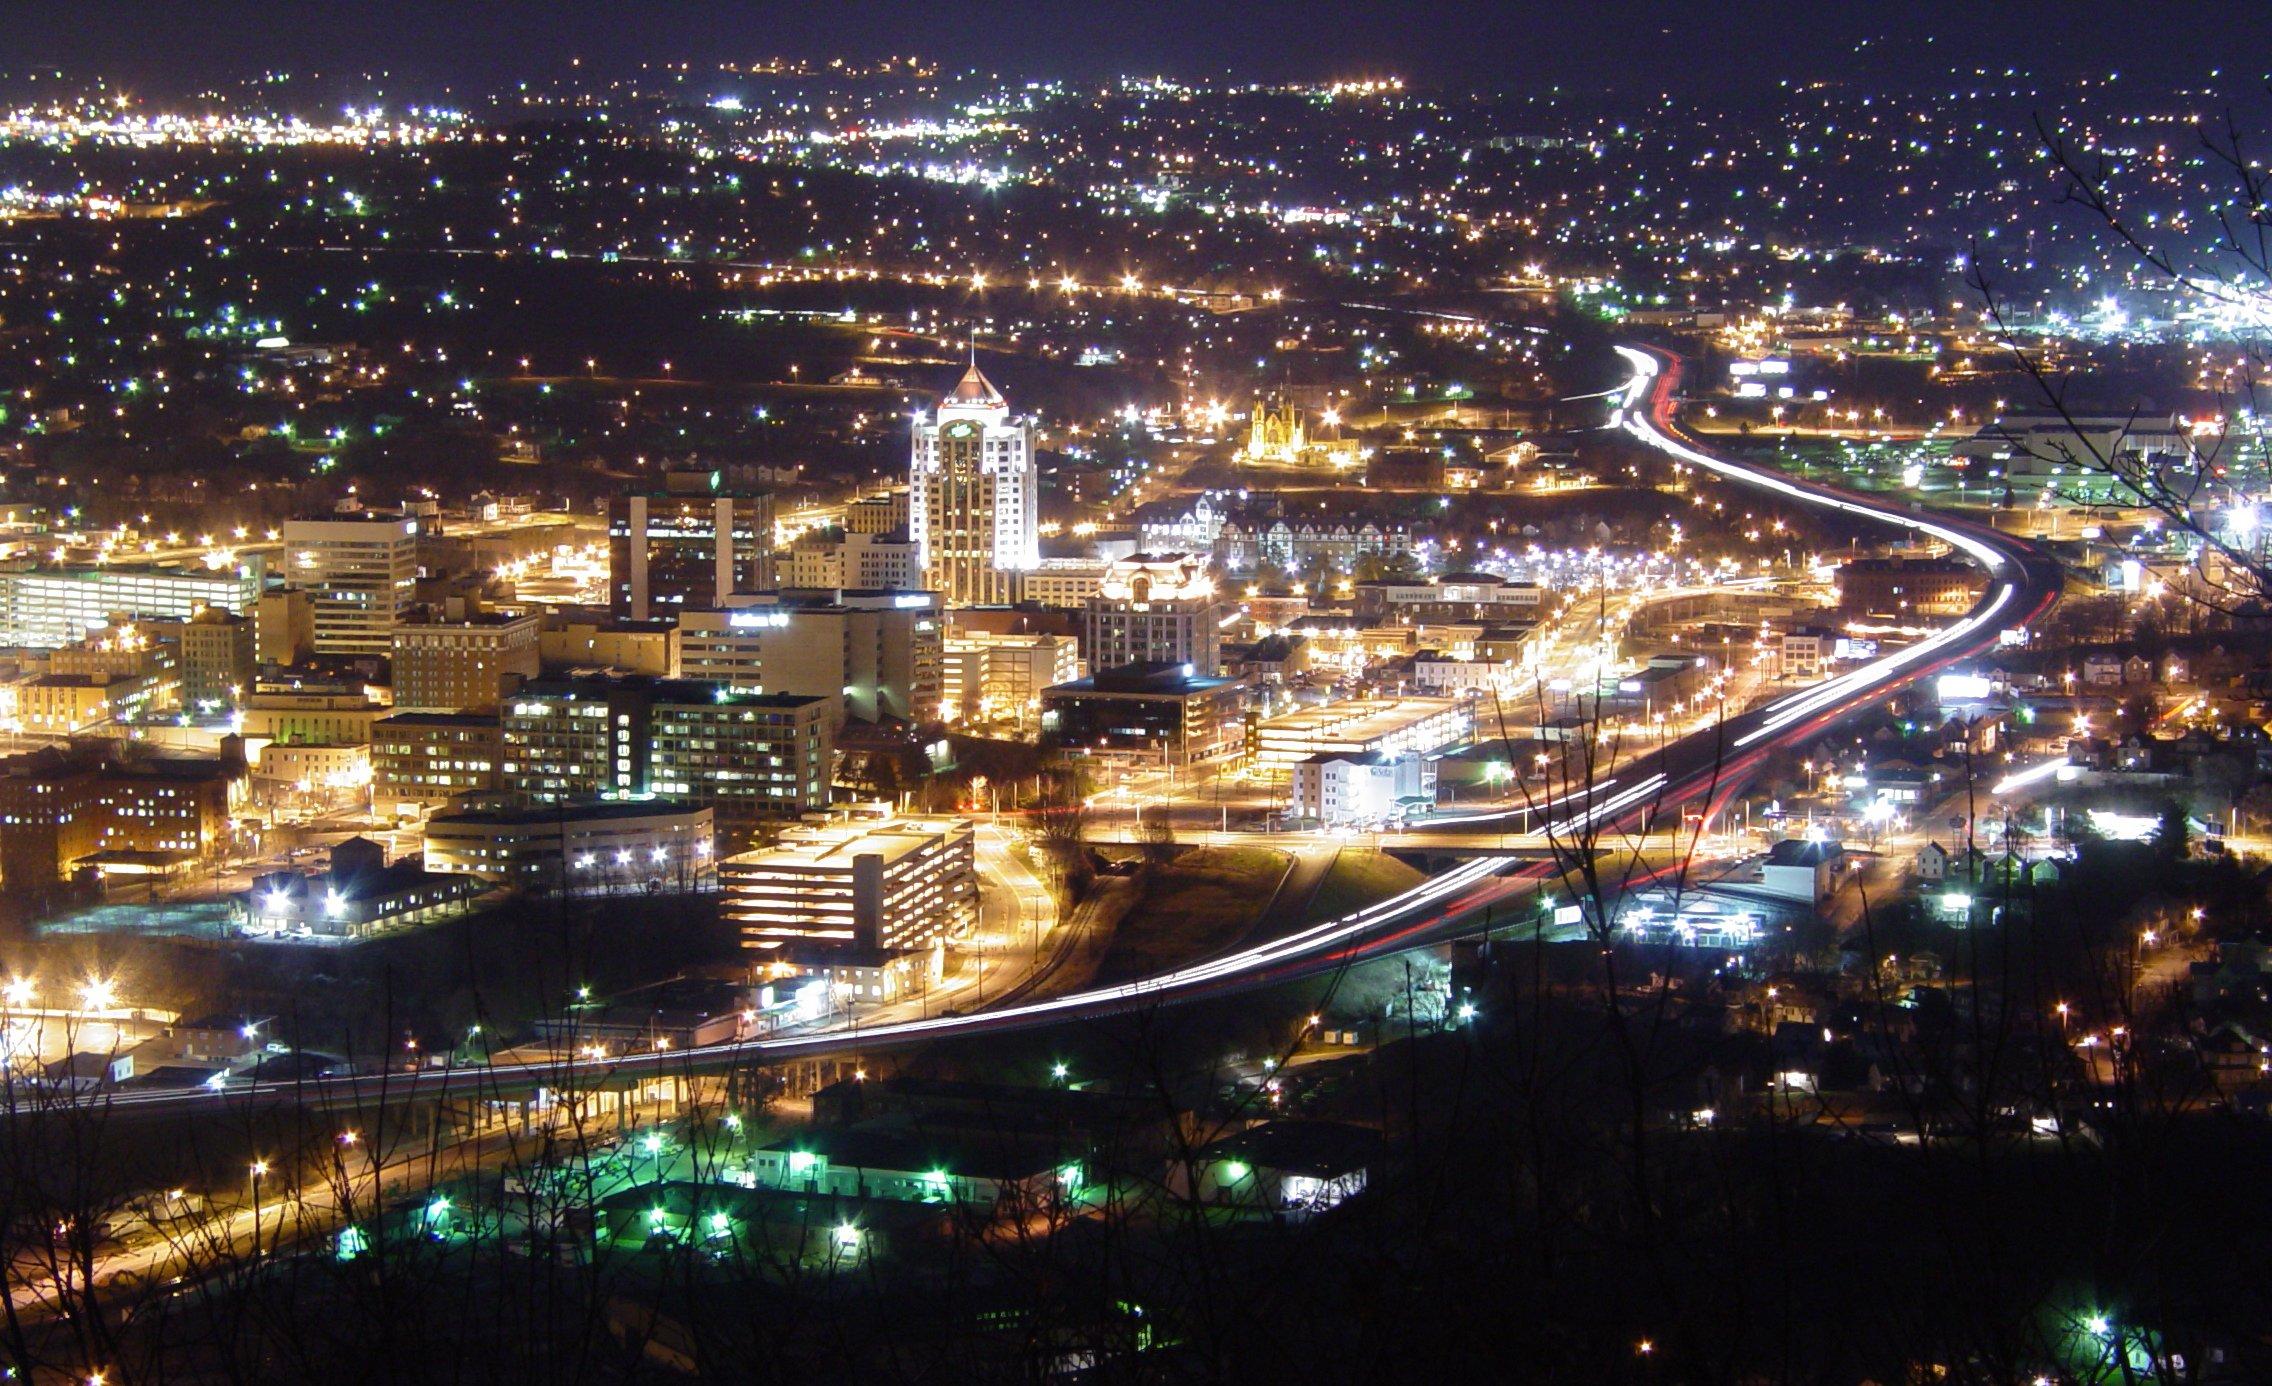 Single women in Roanoke - Roanoke women seeking men